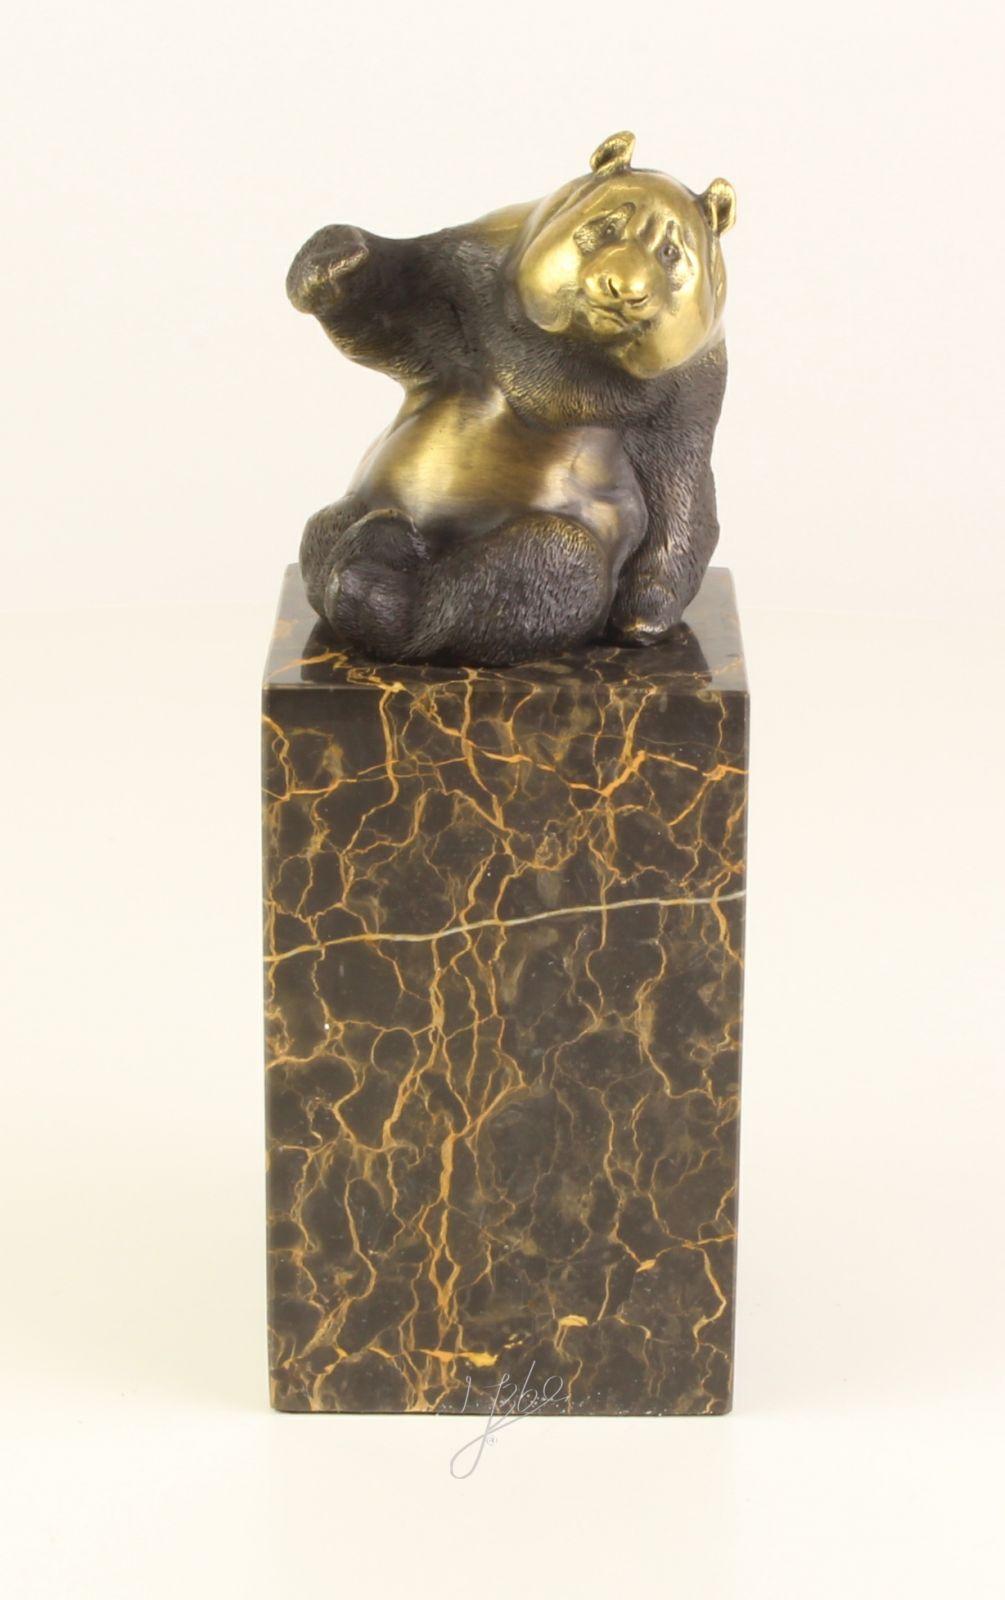 A BRONZE SCULPTURE OF A PANDA BrokInCZ